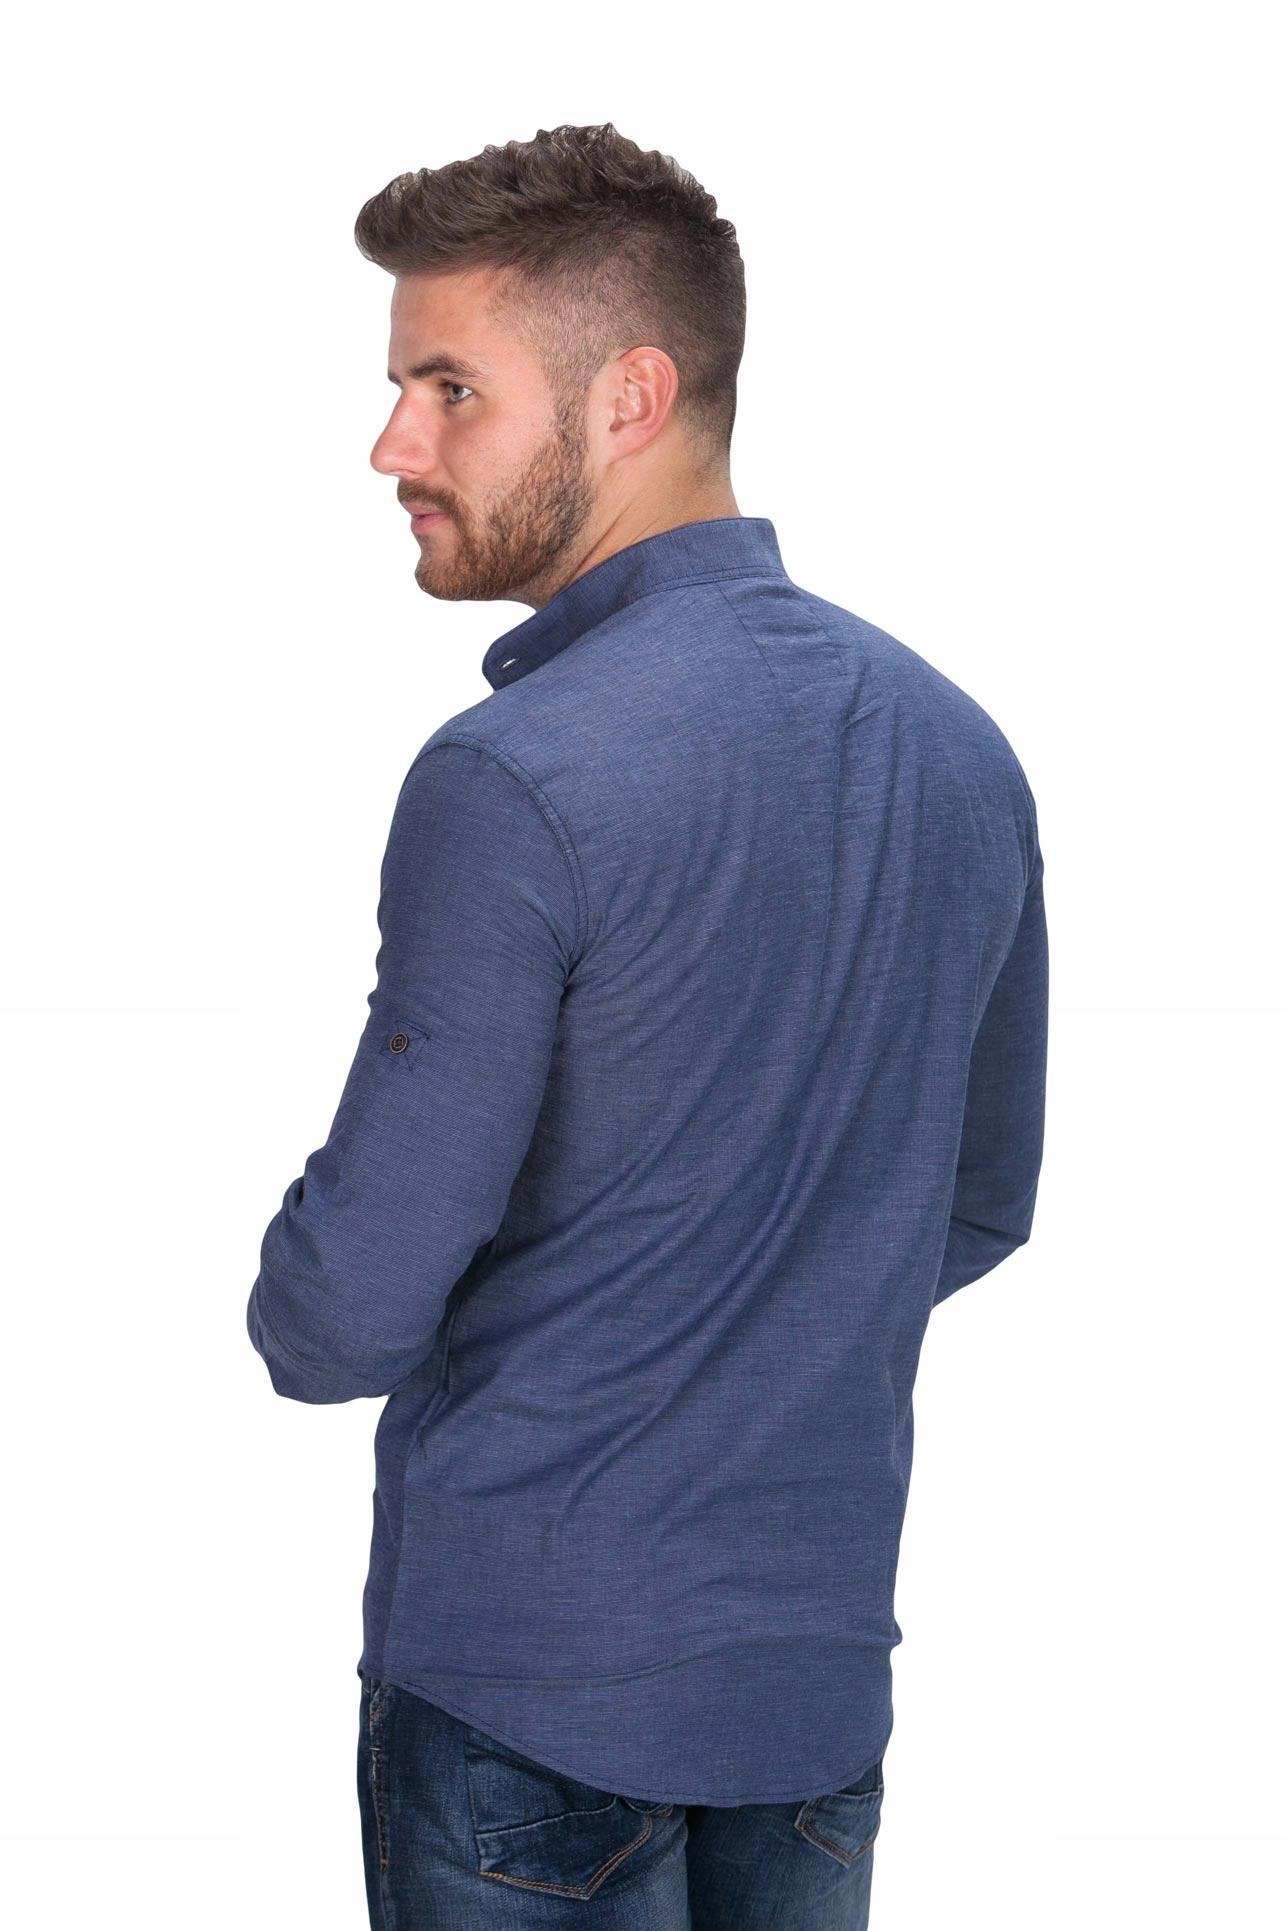 Koszula męska stójka TC 1 fashionmen2 rozm. M 7619181332  tbJ8W